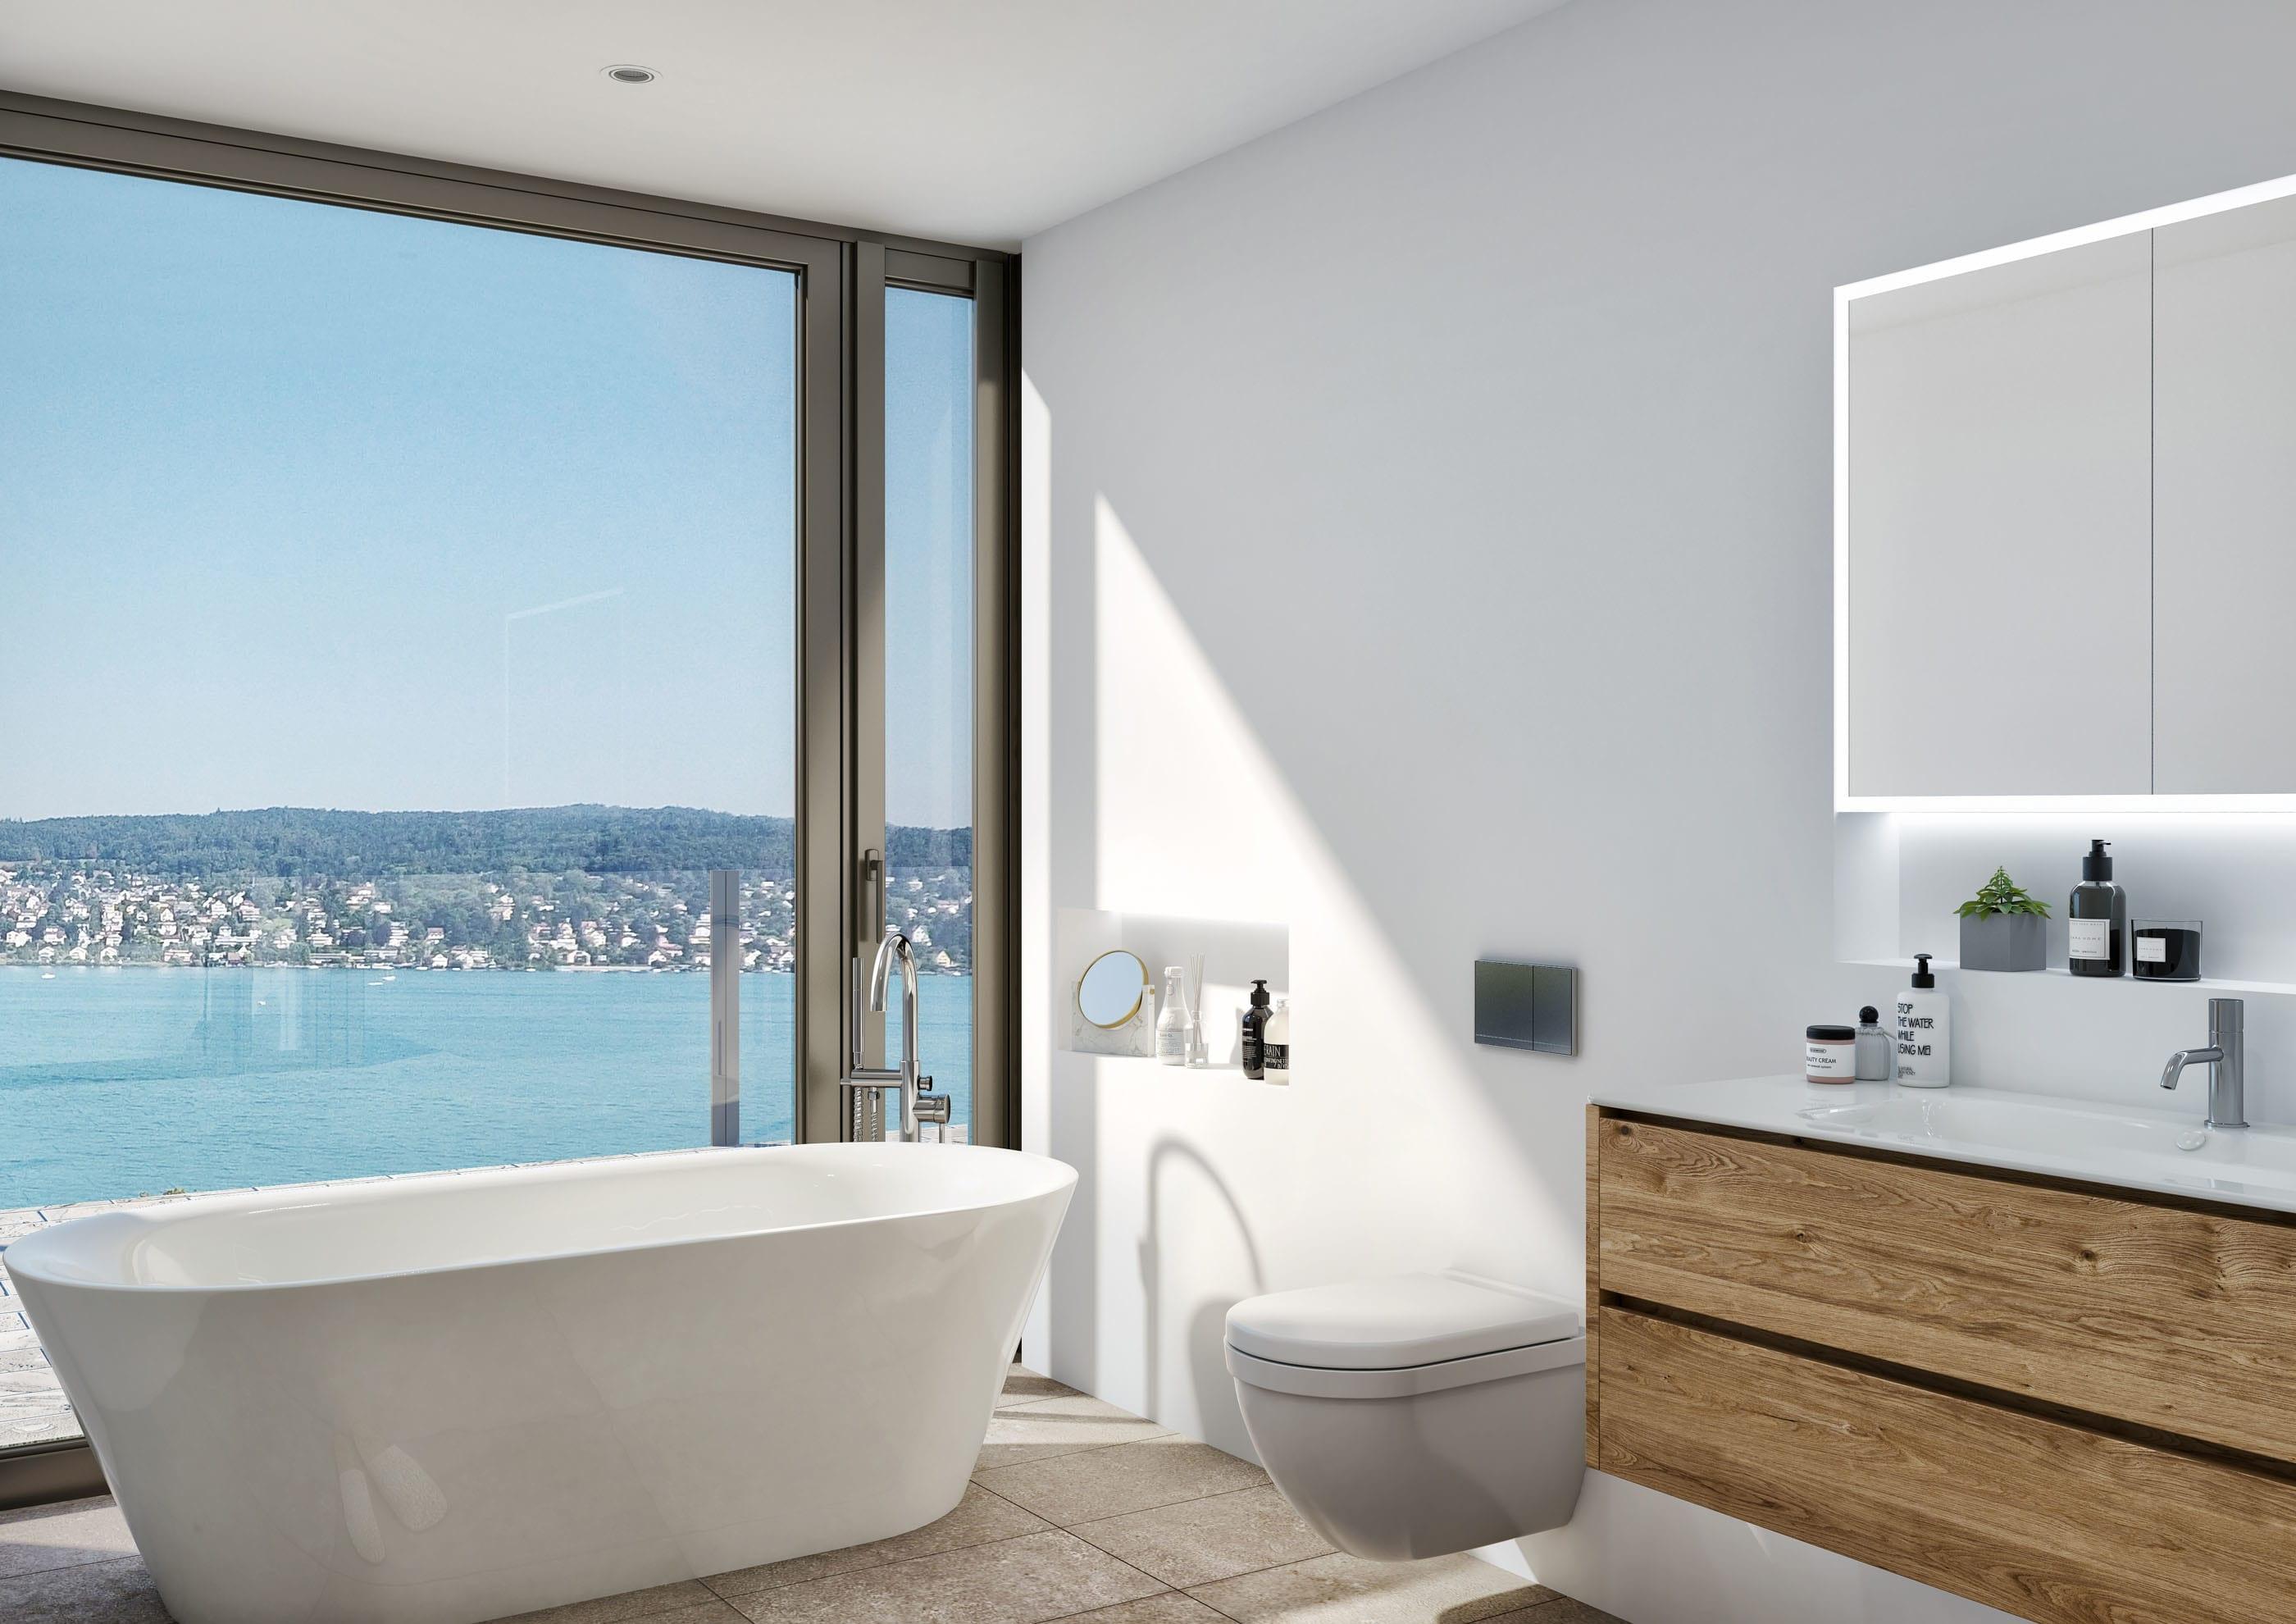 3D Visualisierung modernes Badezimmer mit Zürich Seesicht